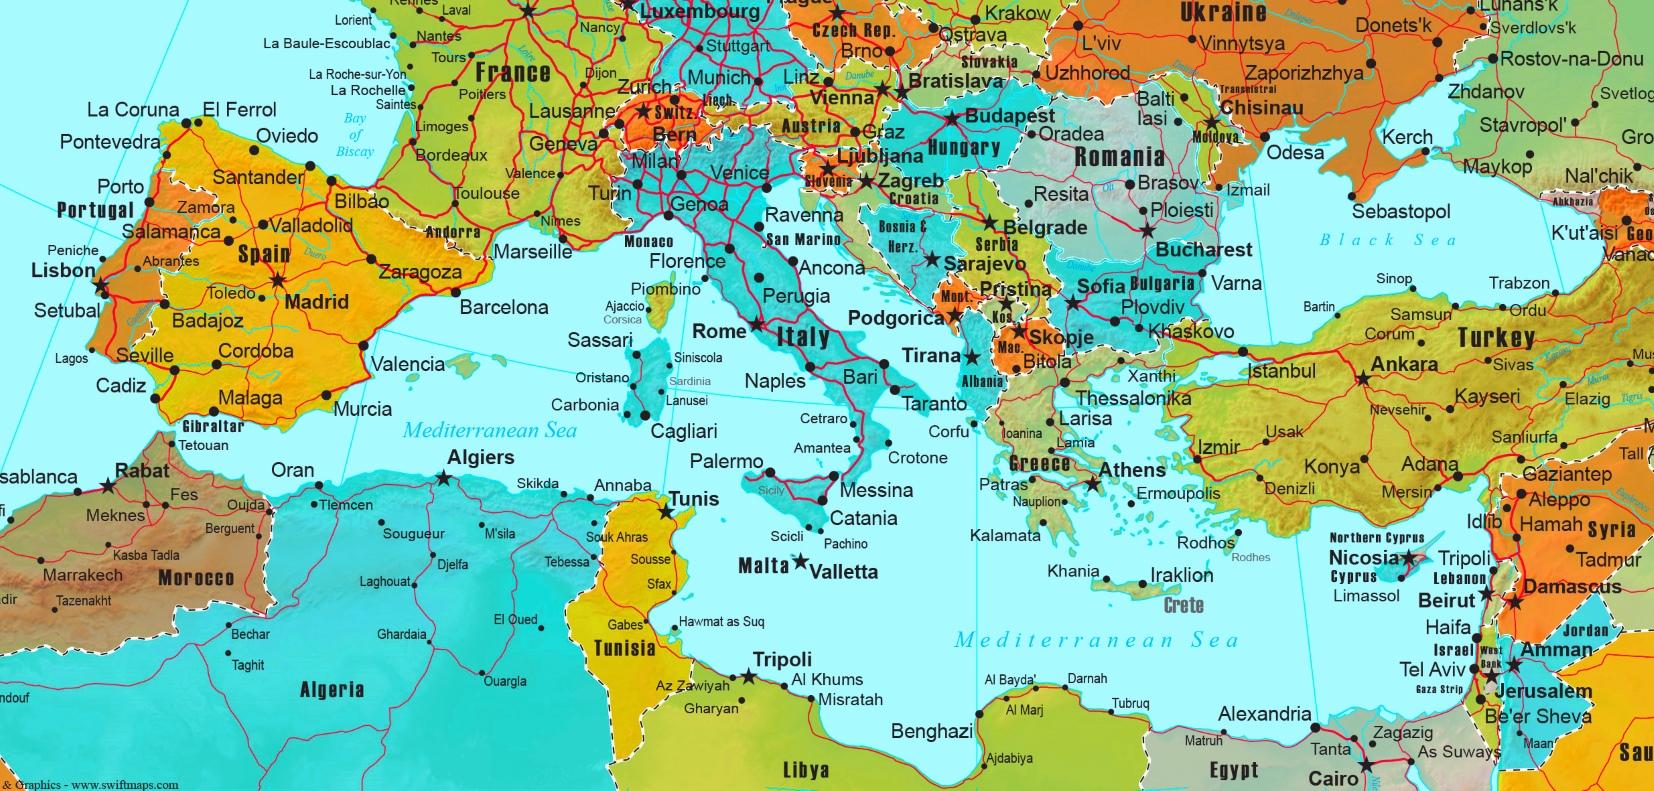 Map Of Mediterranean Mediterranean countries map Map Of Mediterranean